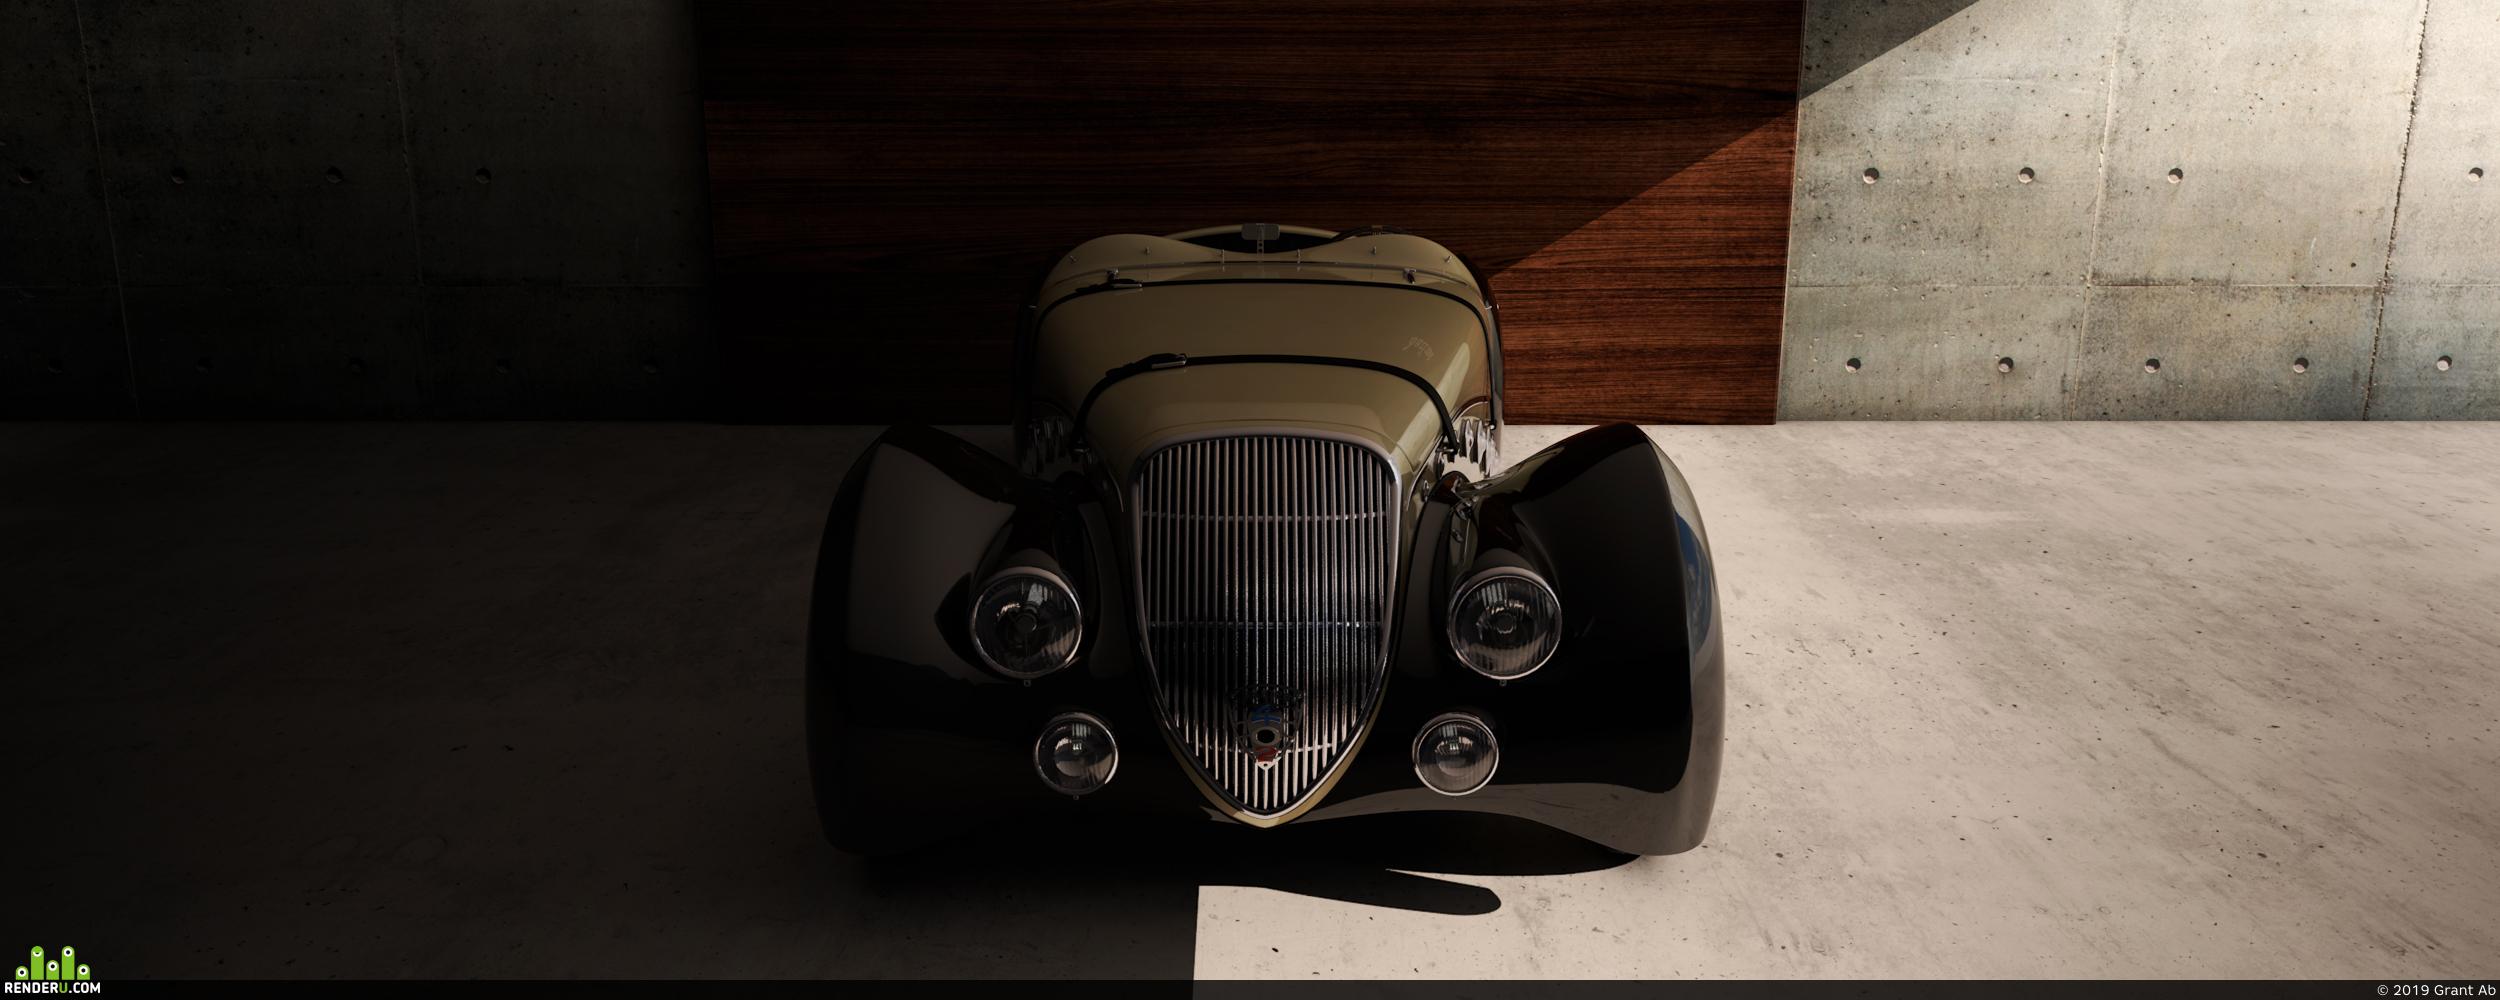 preview Peugeot 402 Darl'mat 1937